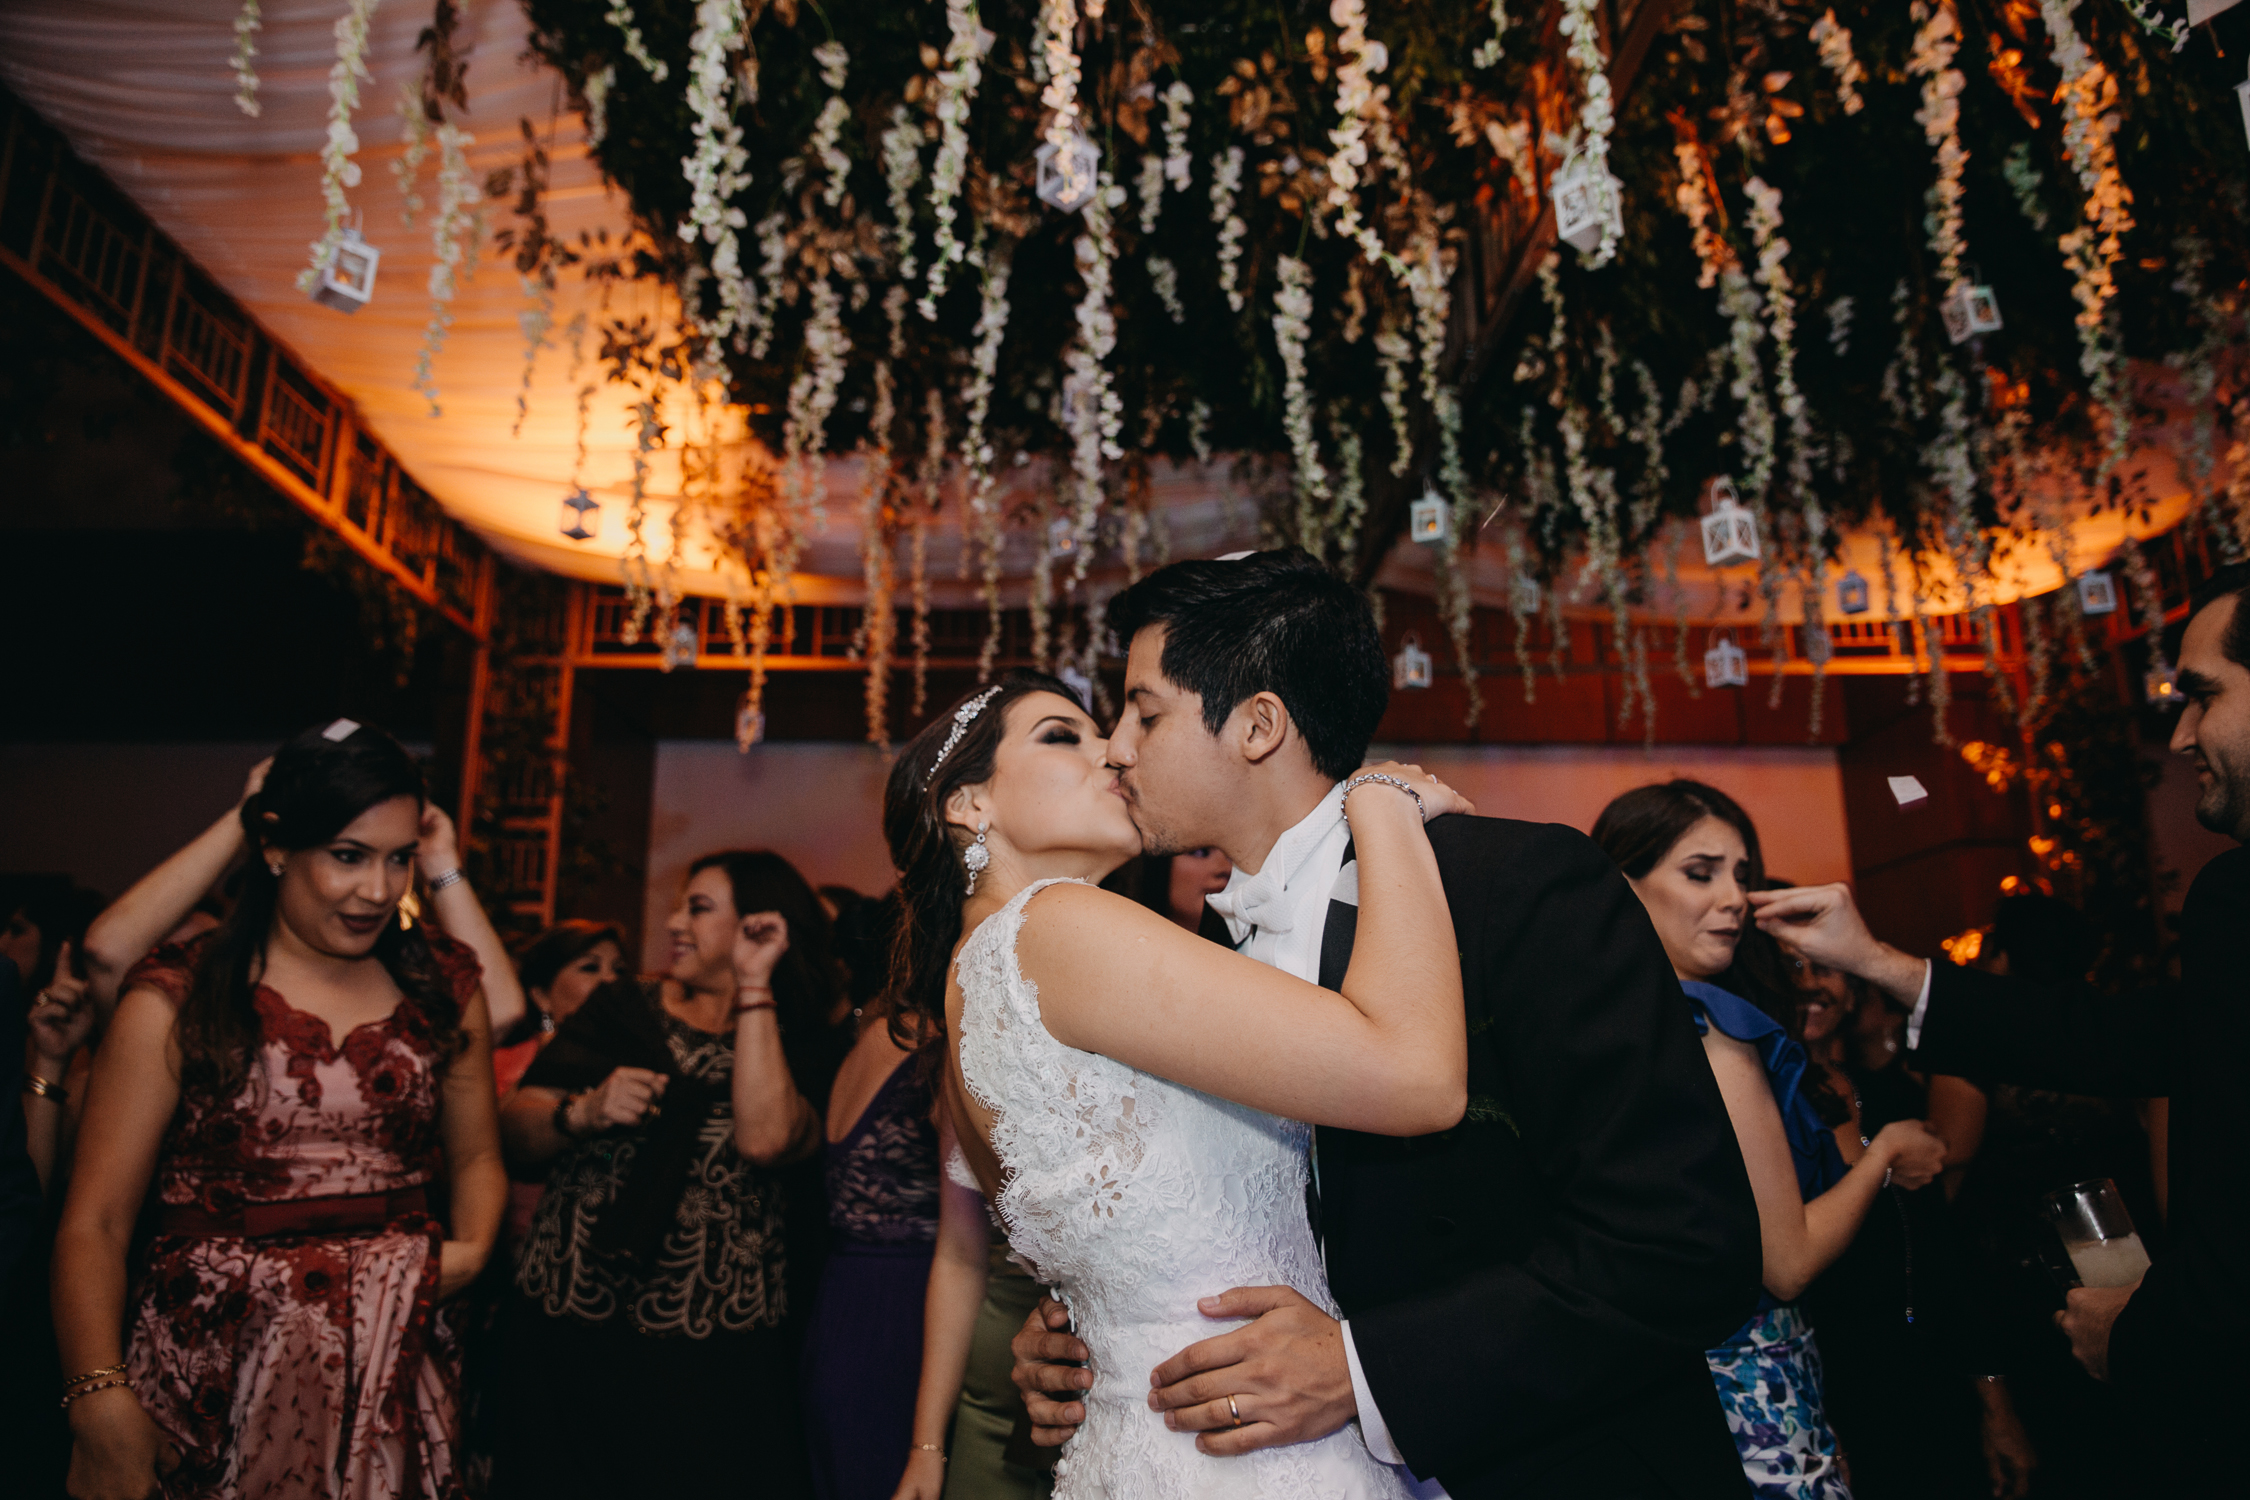 Michelle-Agurto-Fotografia-Bodas-Ecuador-Destination-Wedding-Photographer-Patricia-Guido-206.JPG